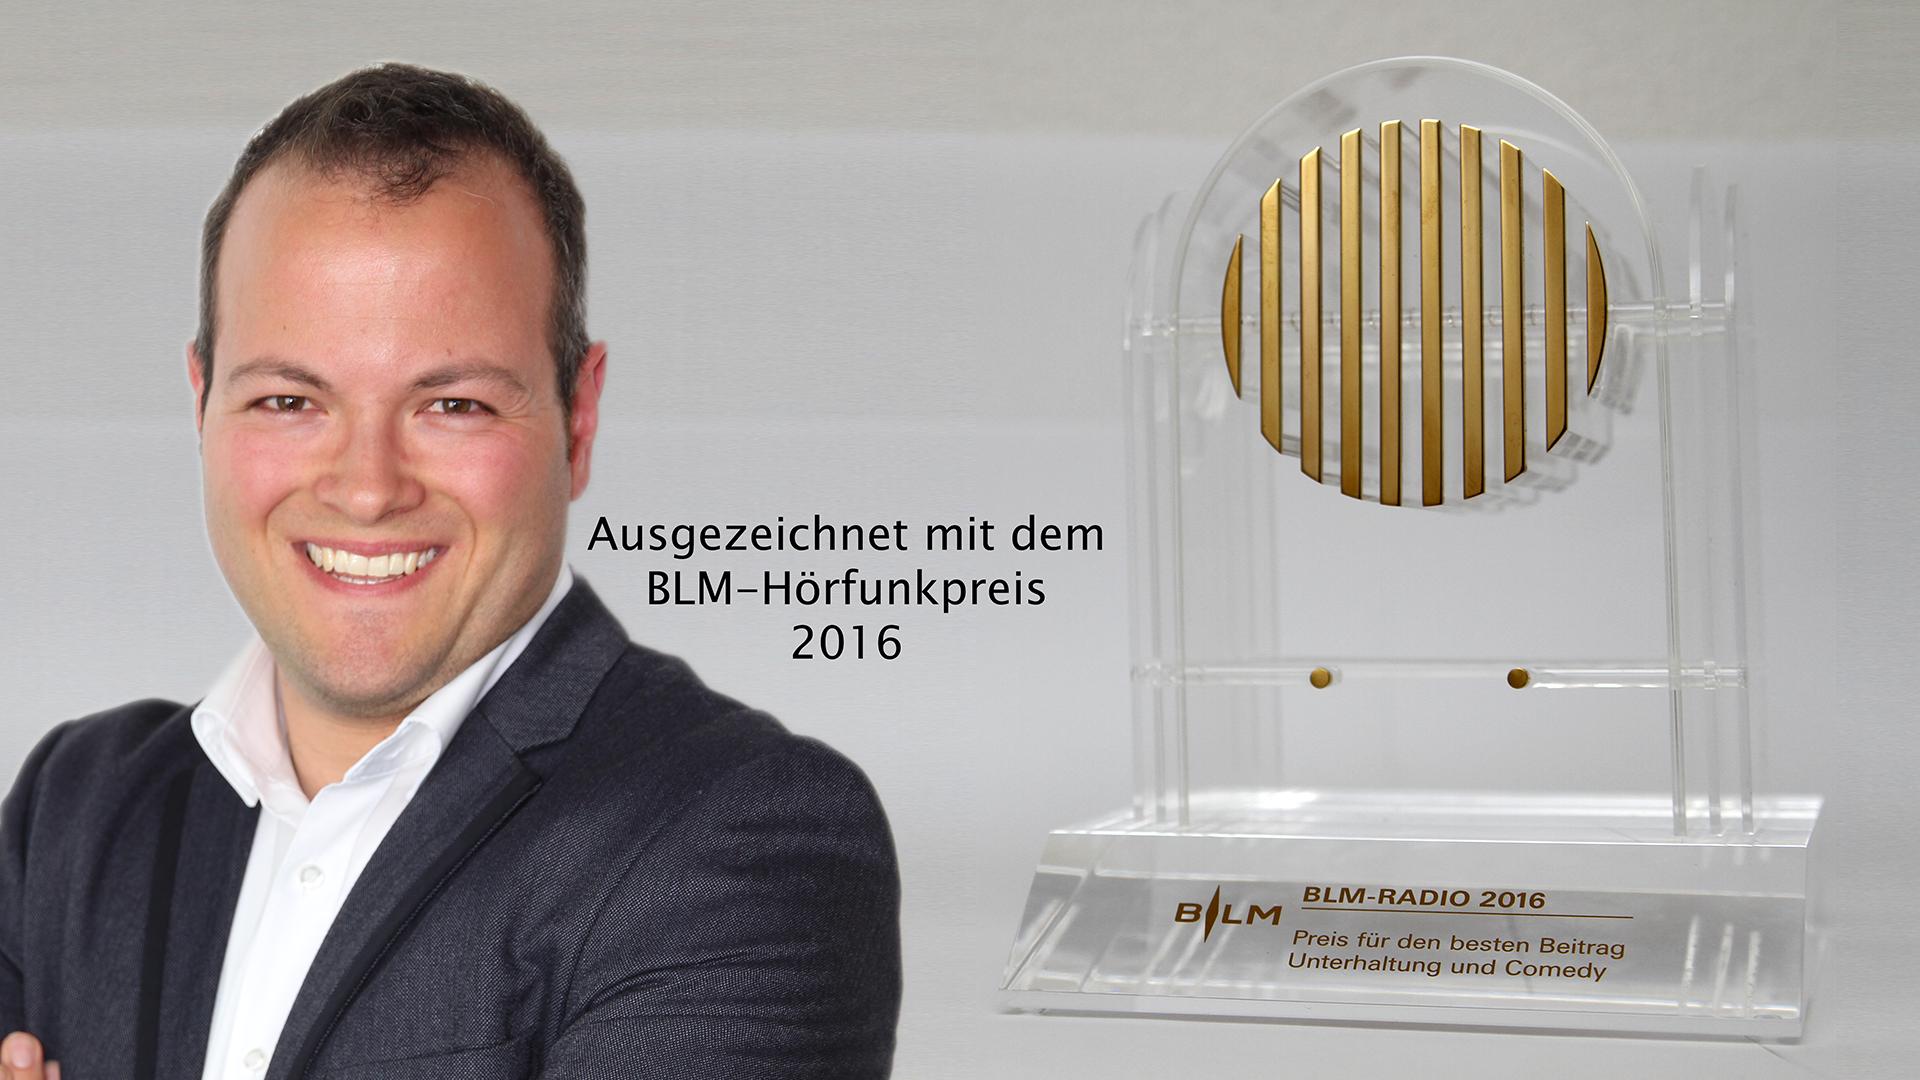 Ausgezeichnet mit dem BLM-Hörfunkpreis 2016